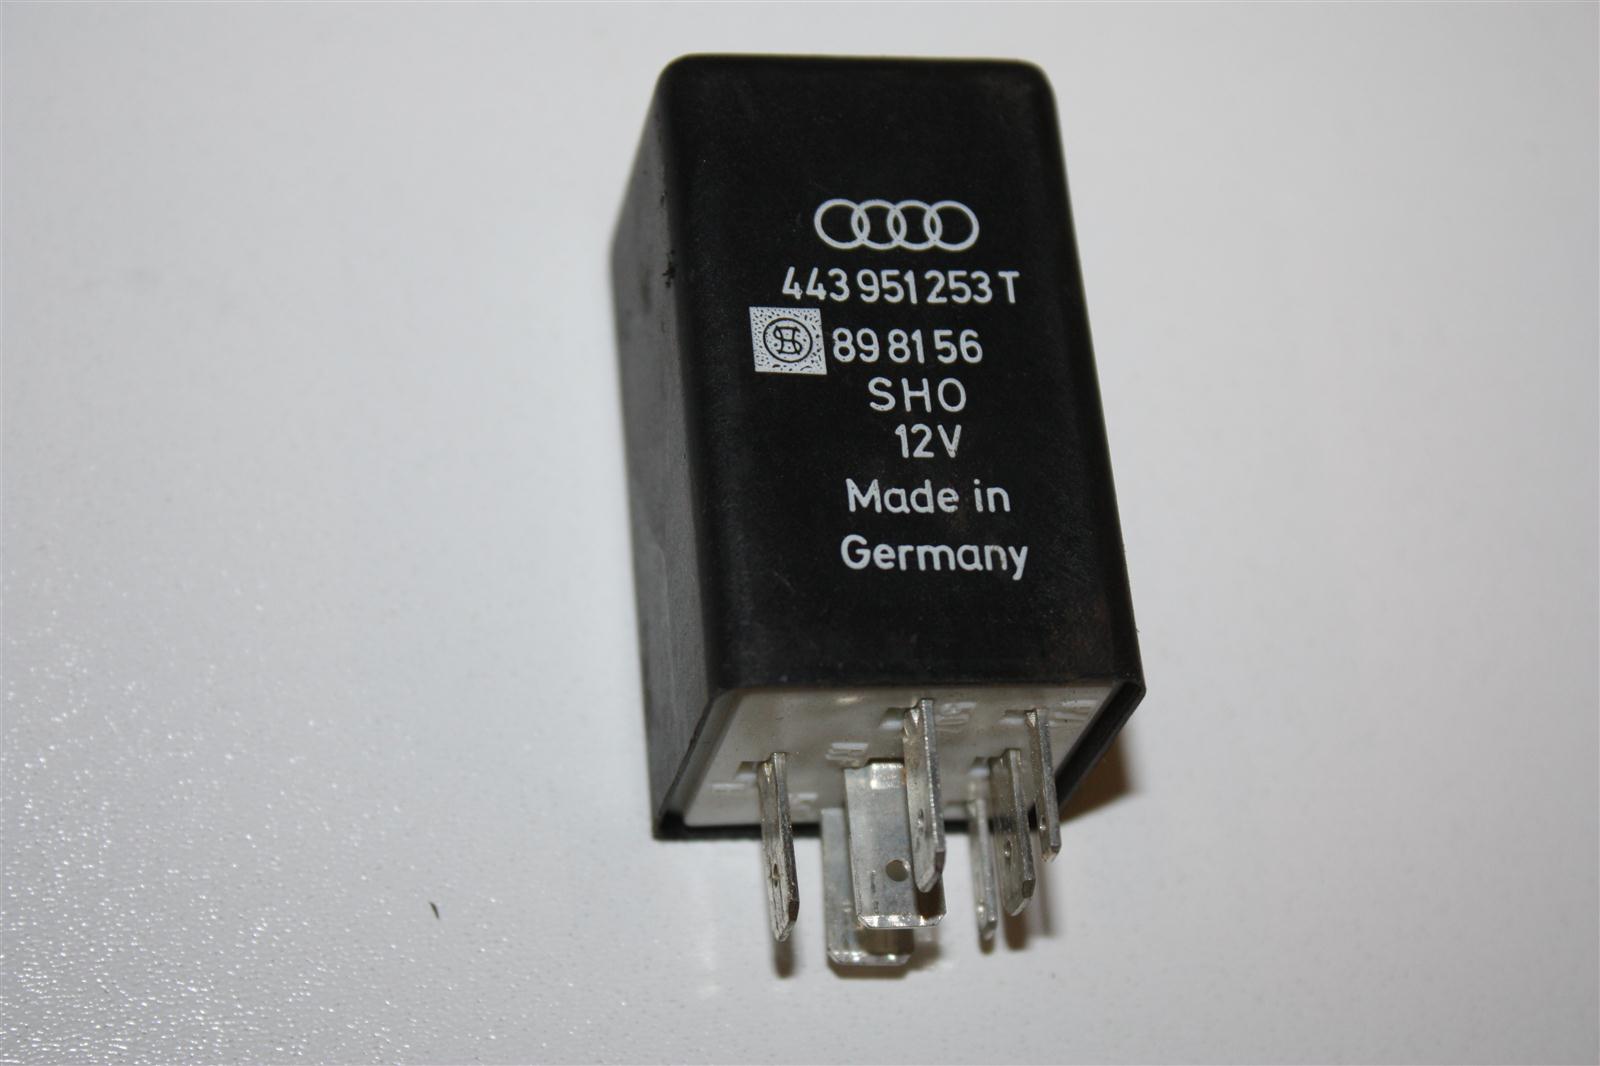 Audi/VW 80/100/A4/A6 Relais 201 Automatikgetriebe 443951253T